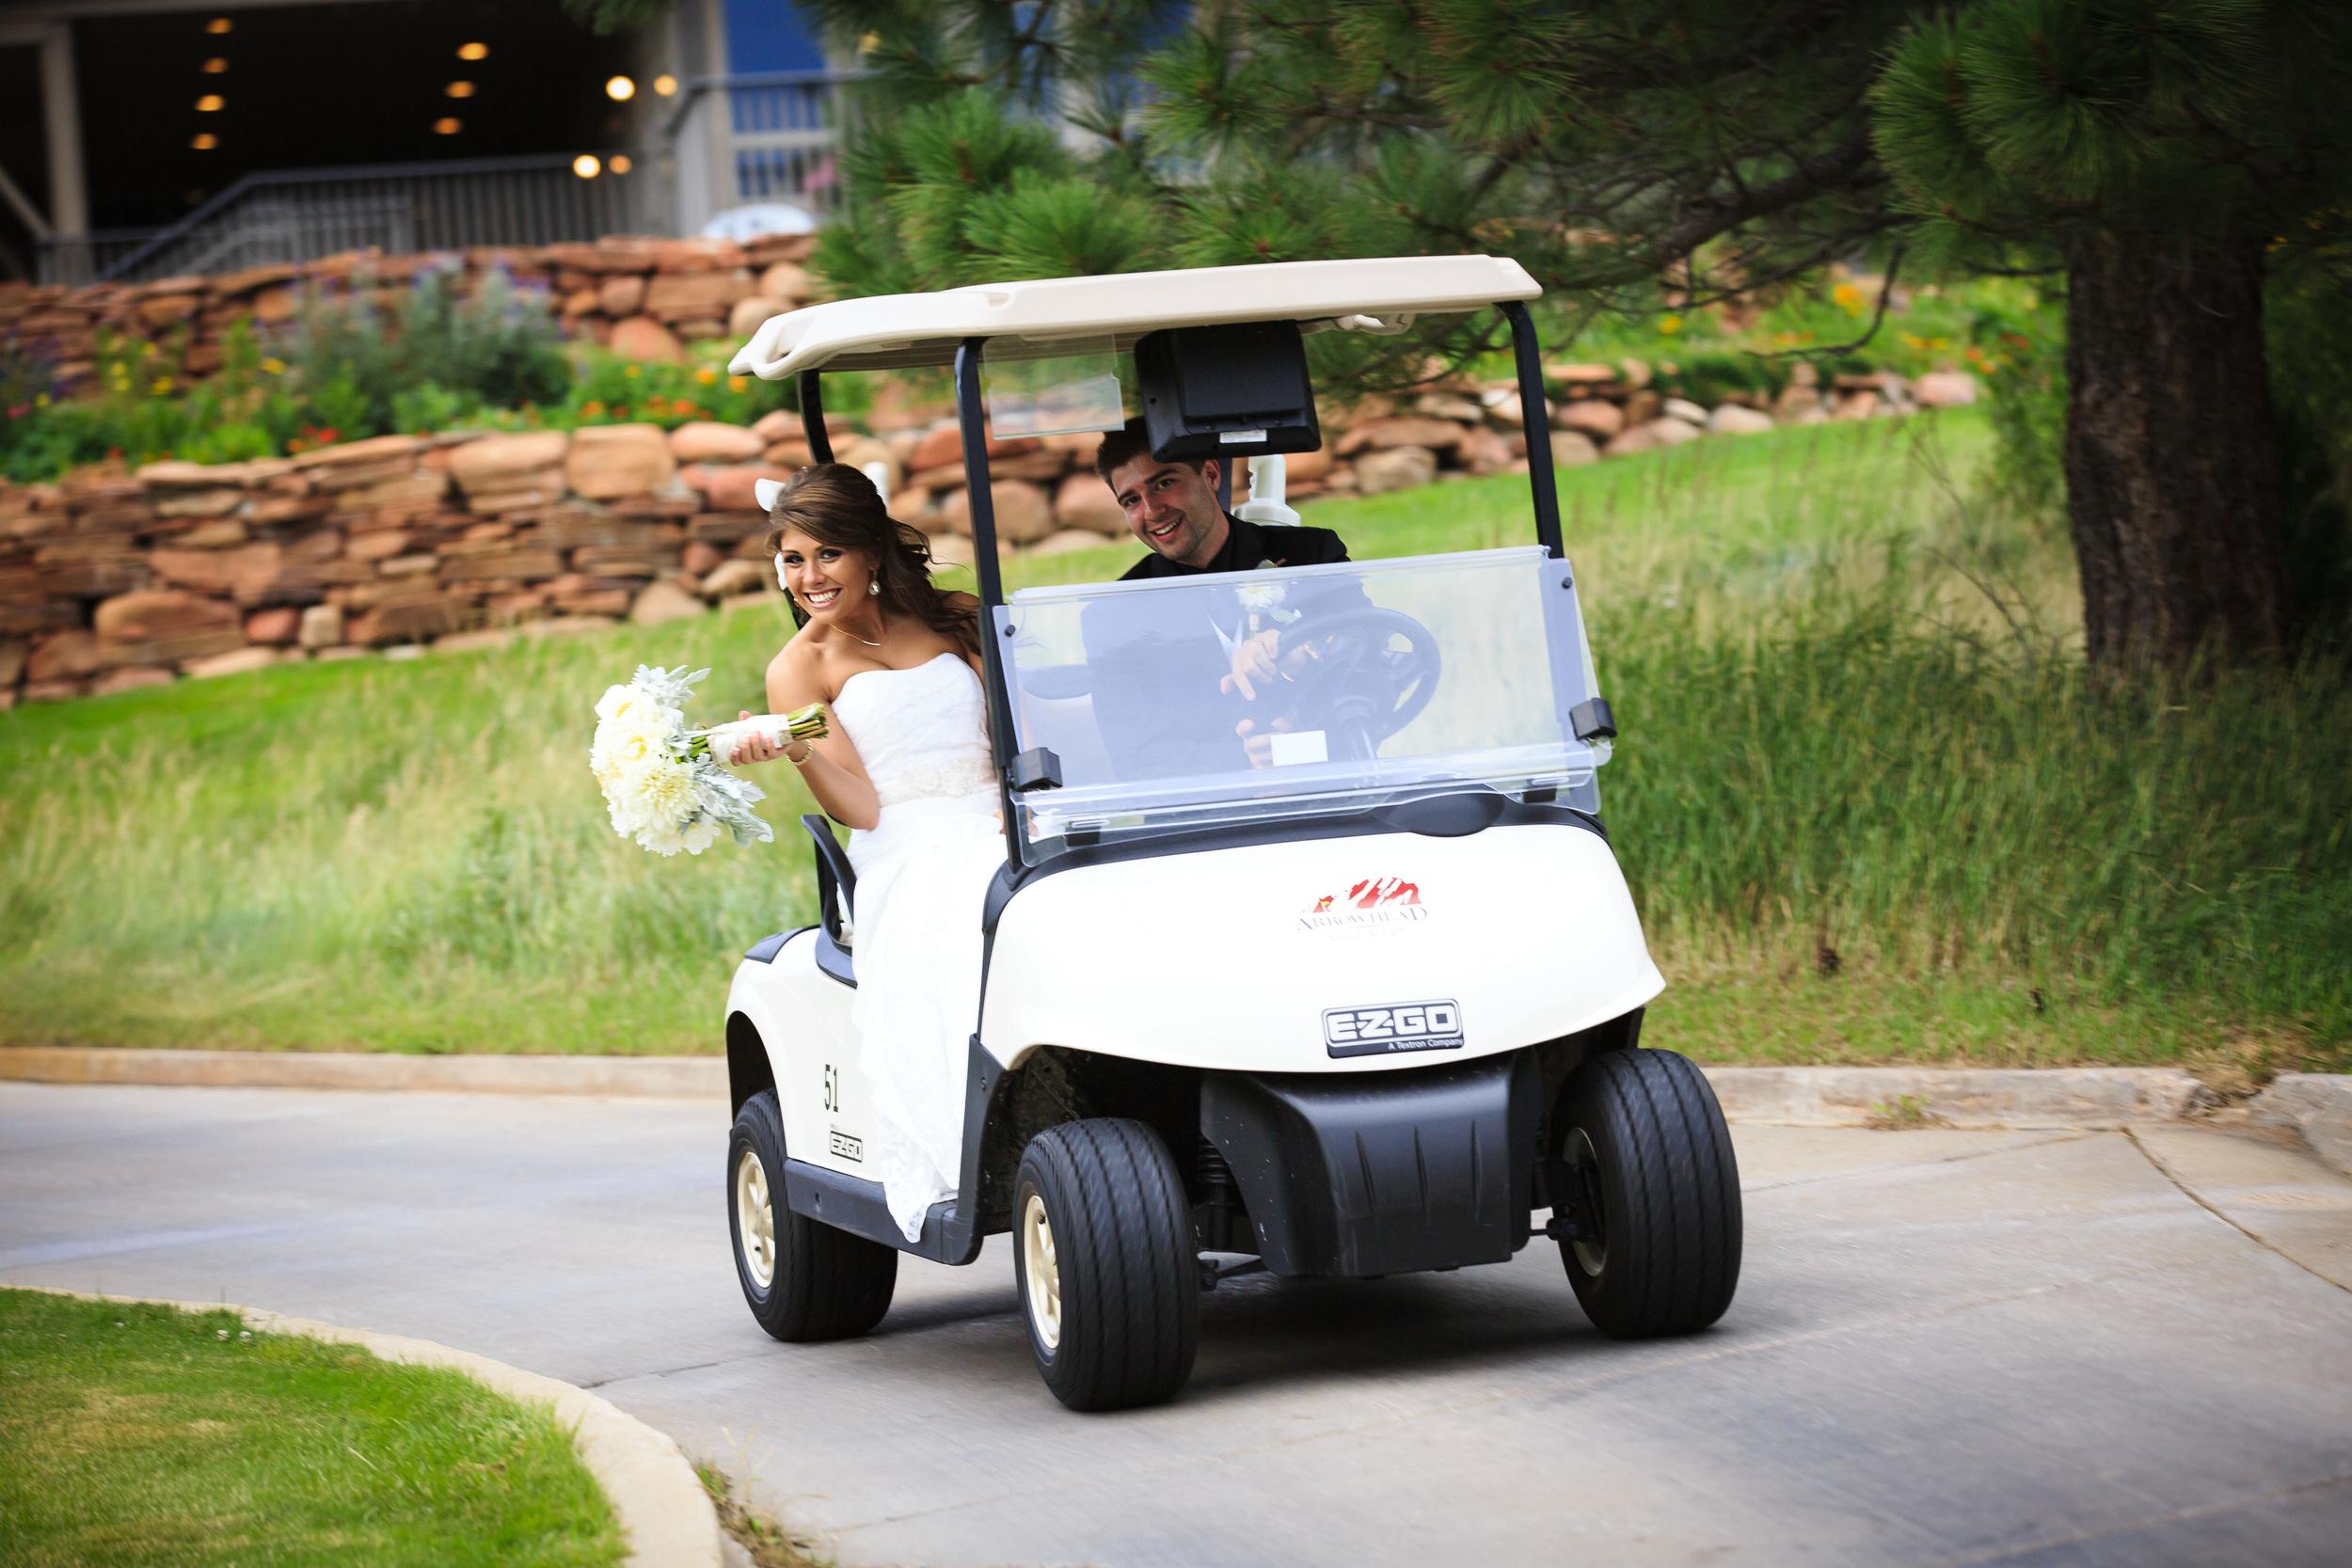 fun perks of a golf course wedding!